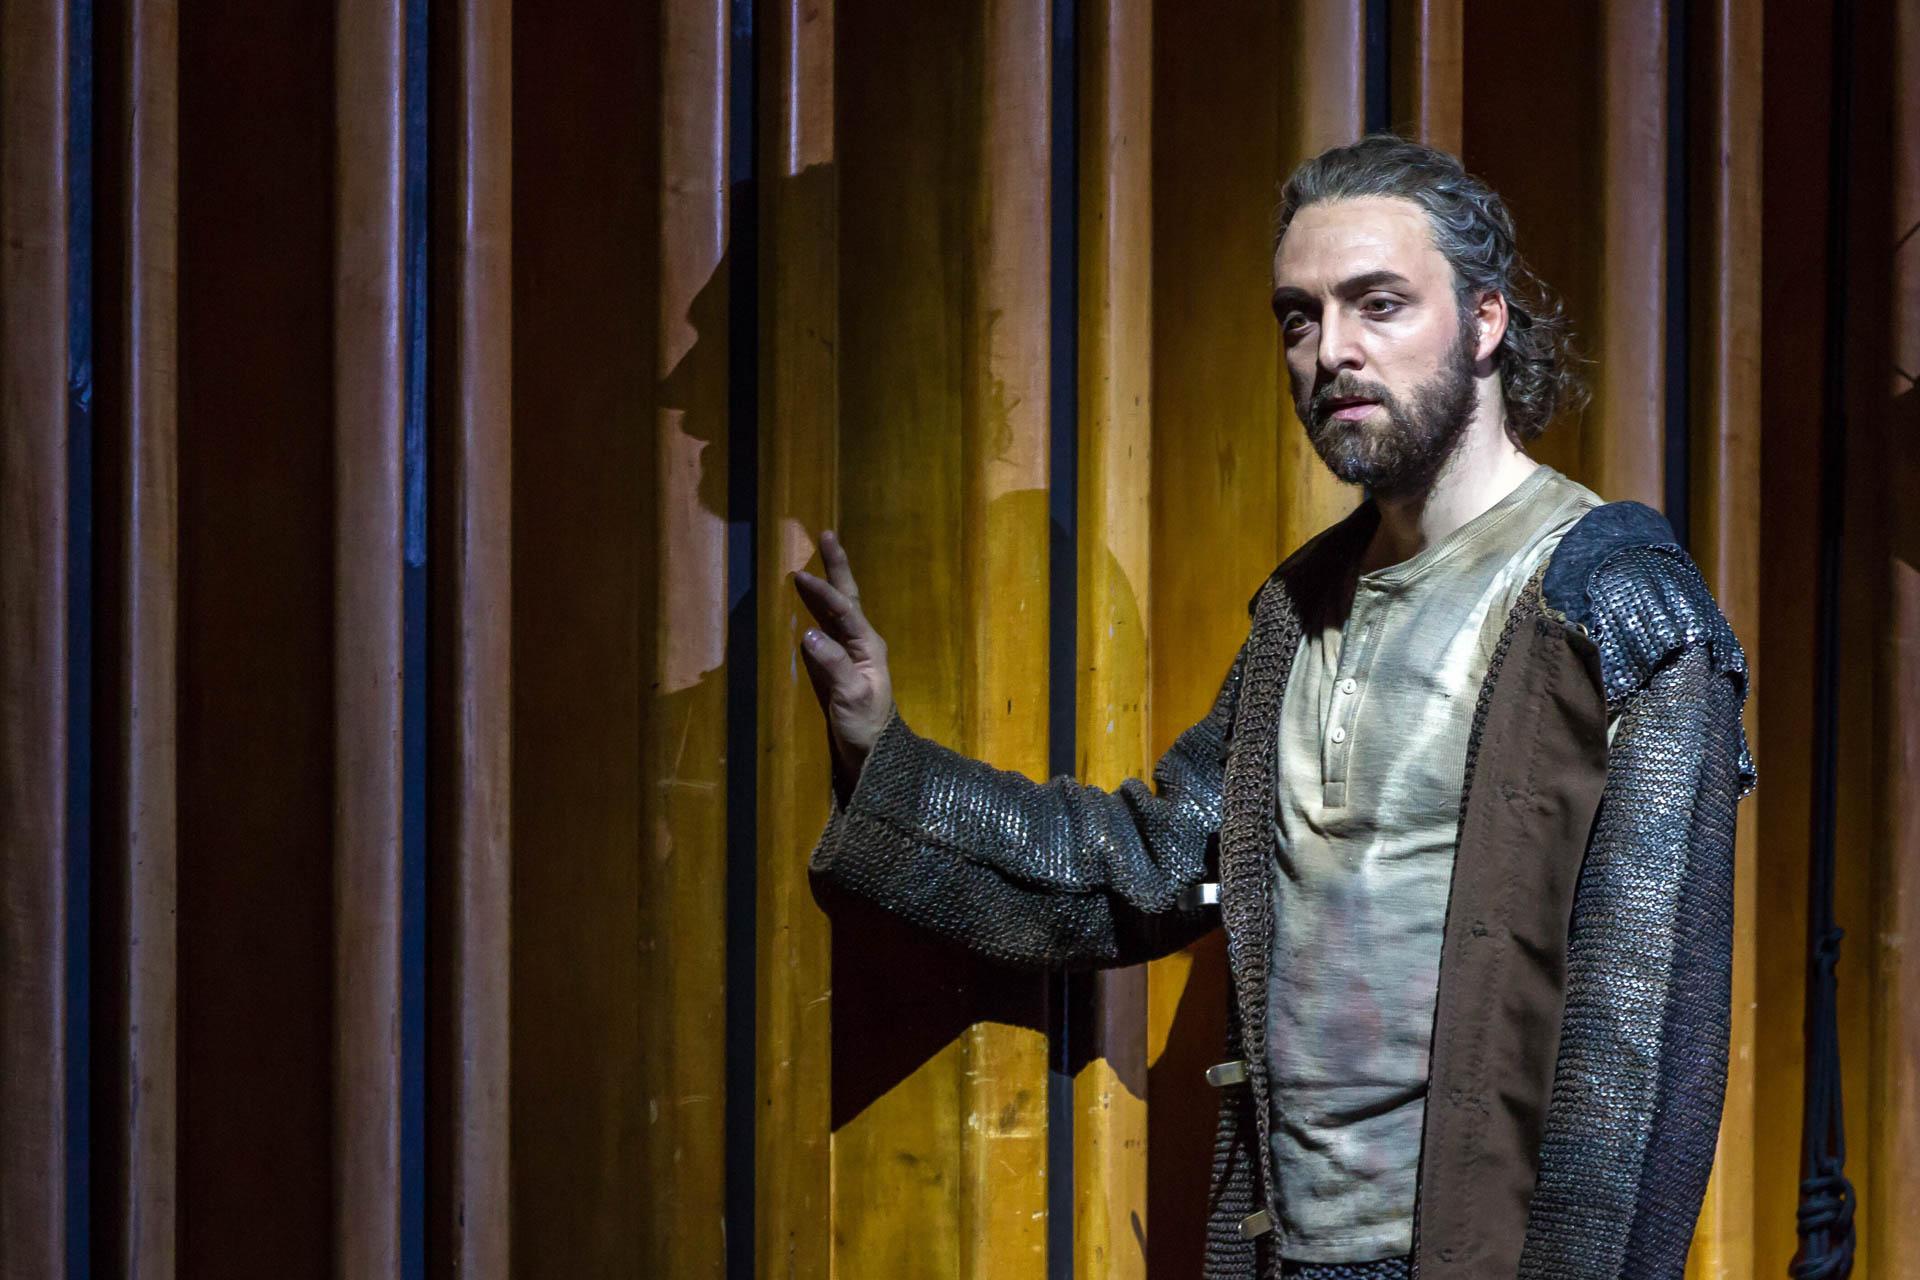 94/ Oper: EMMA UND EGINHARD, Gyula Orendt CAROLUS in der Staatsoper im Schiller Theater Berlin am 22.04.2015, Premiere a